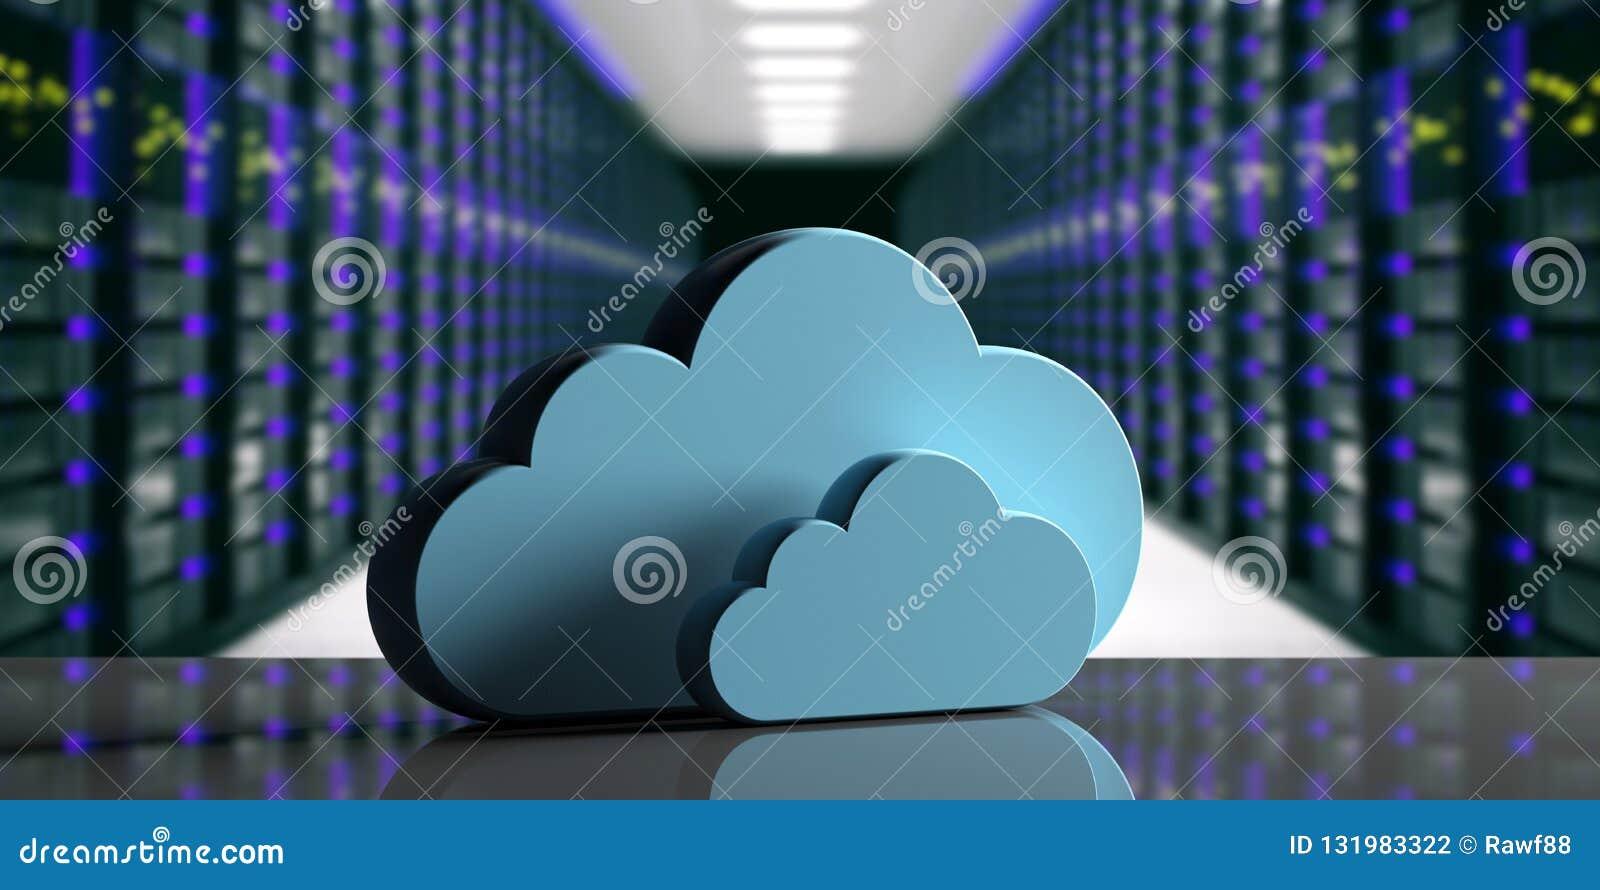 Centro de datos computacional de la nube Nube del almacenamiento en fondo del centro de datos del ordenador ilustración 3D